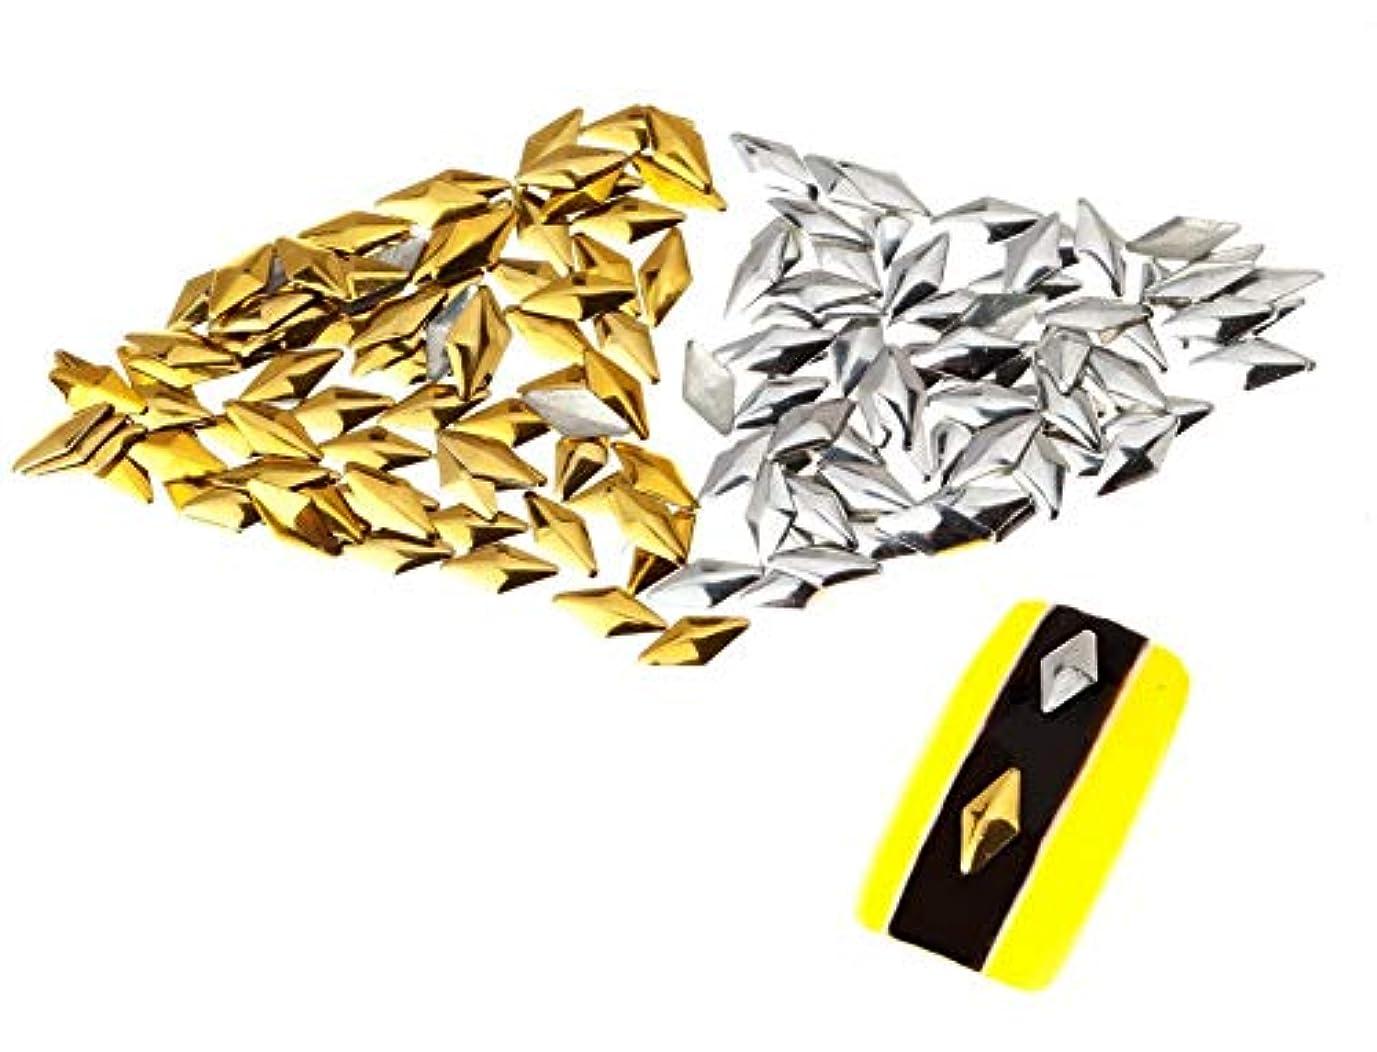 性能ベーシック人工的な250個の3mmシルバーおよびゴールドダイヤモンド型メタルスタッドマニキュアネイルアートデコレーションのプレミアムセット